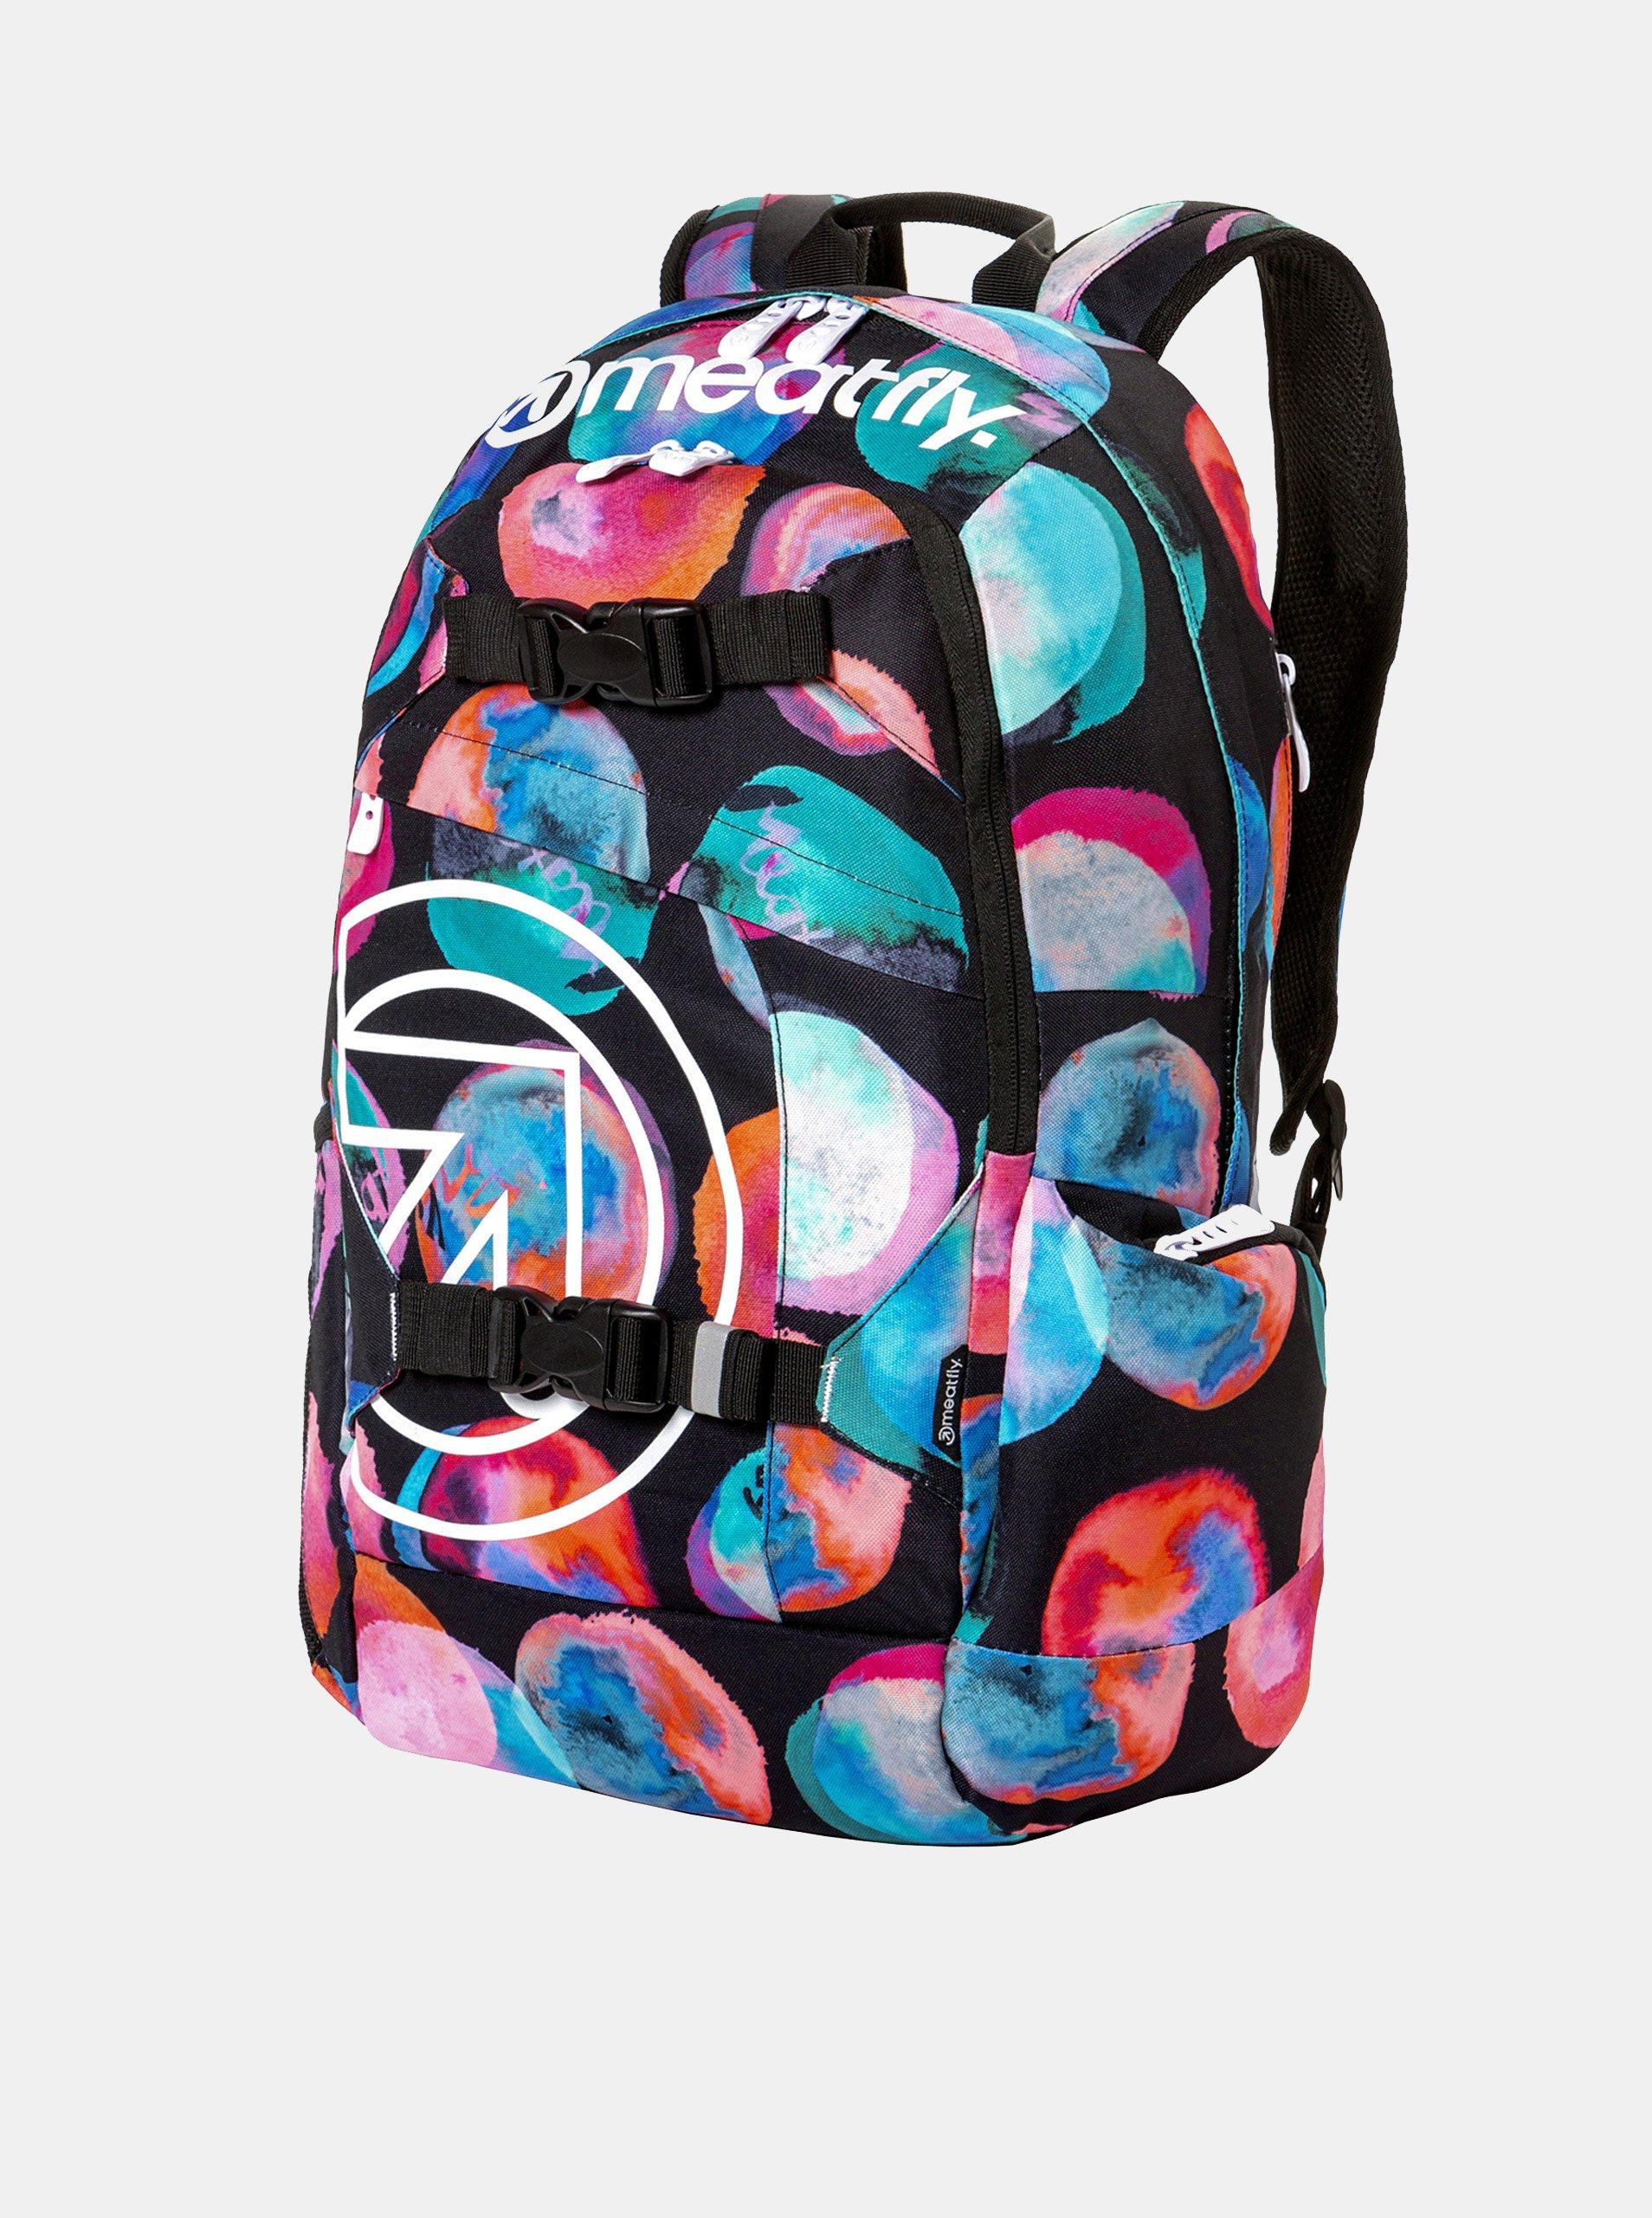 5a80f43188 Čierny batoh s farebnými bodkami a peračníkom 2v1 Meatfly 20 l